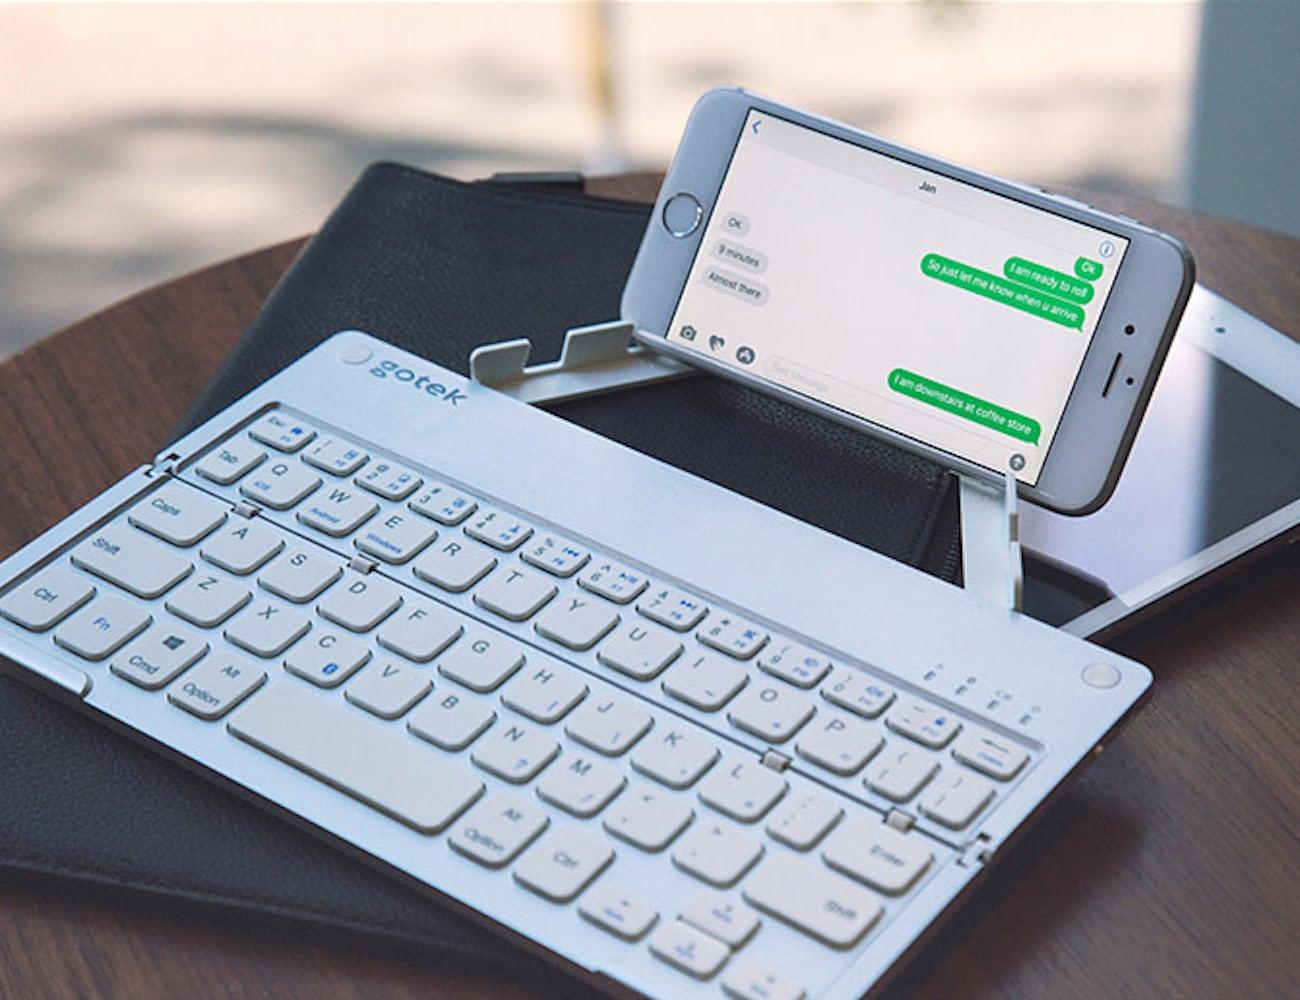 Gotek R2 Wireless Foldable Keyboard